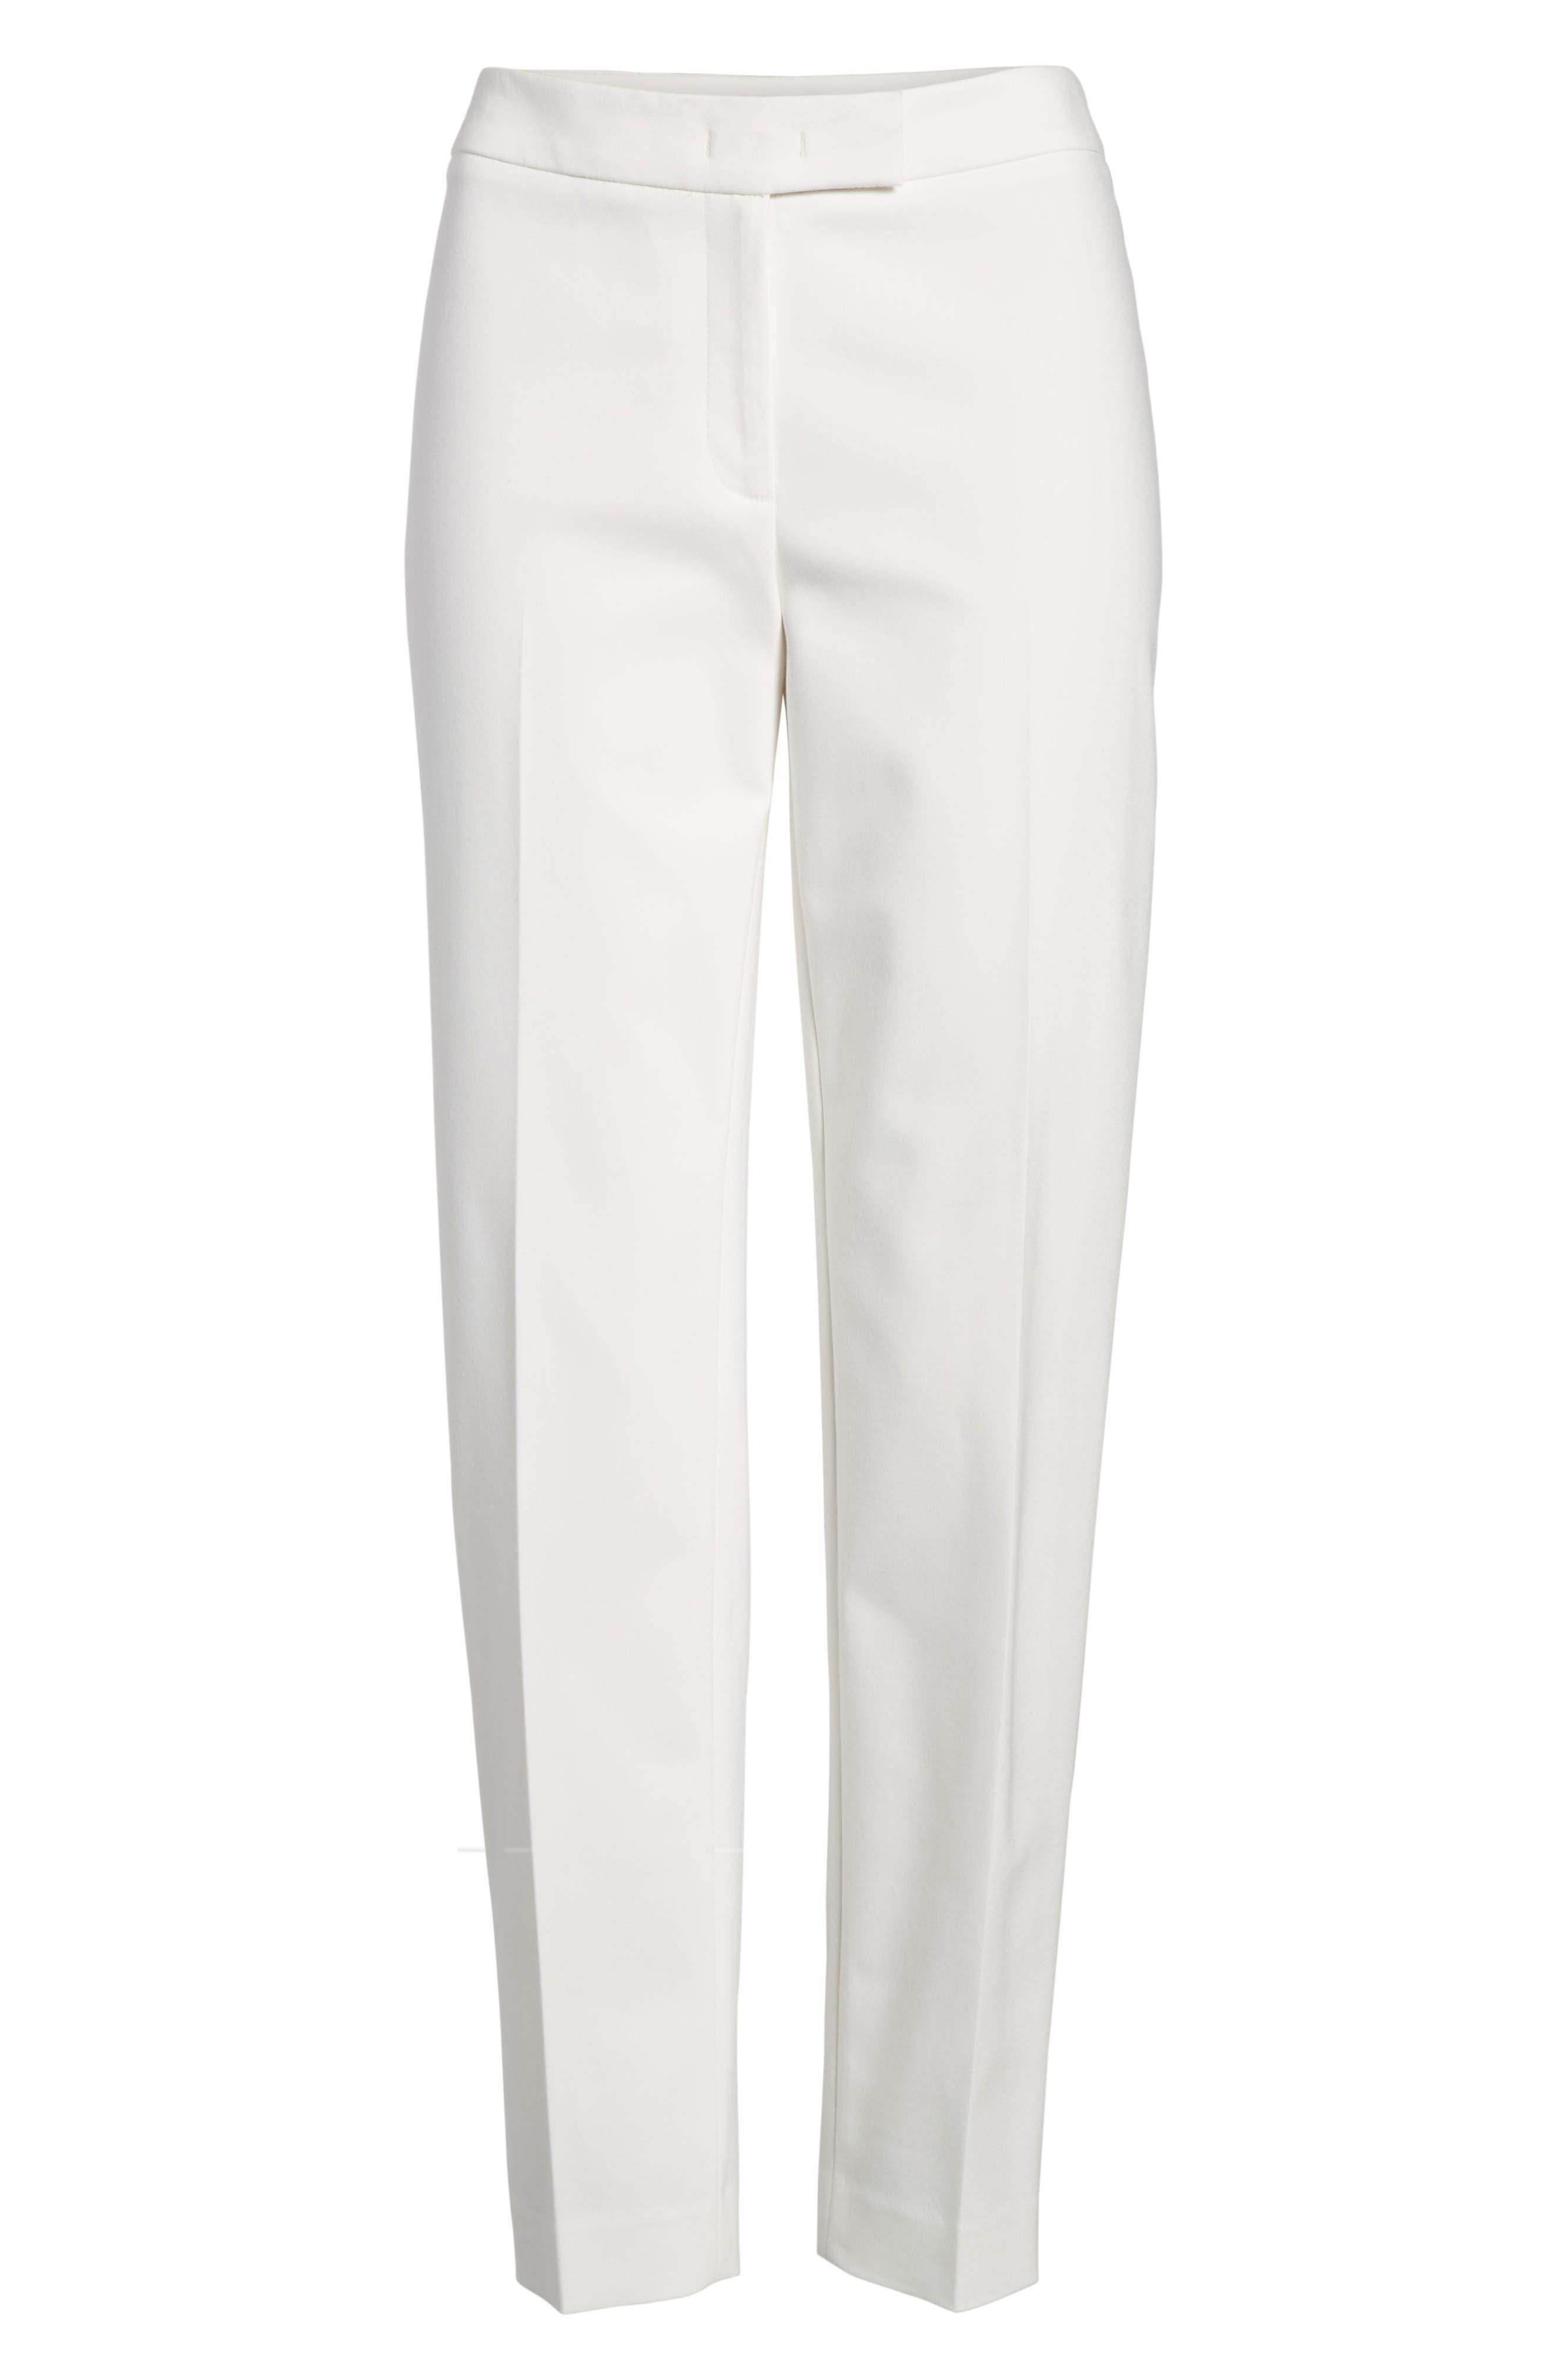 Bowie Cotton Blend Suit Pants,                             Alternate thumbnail 6, color,                             White